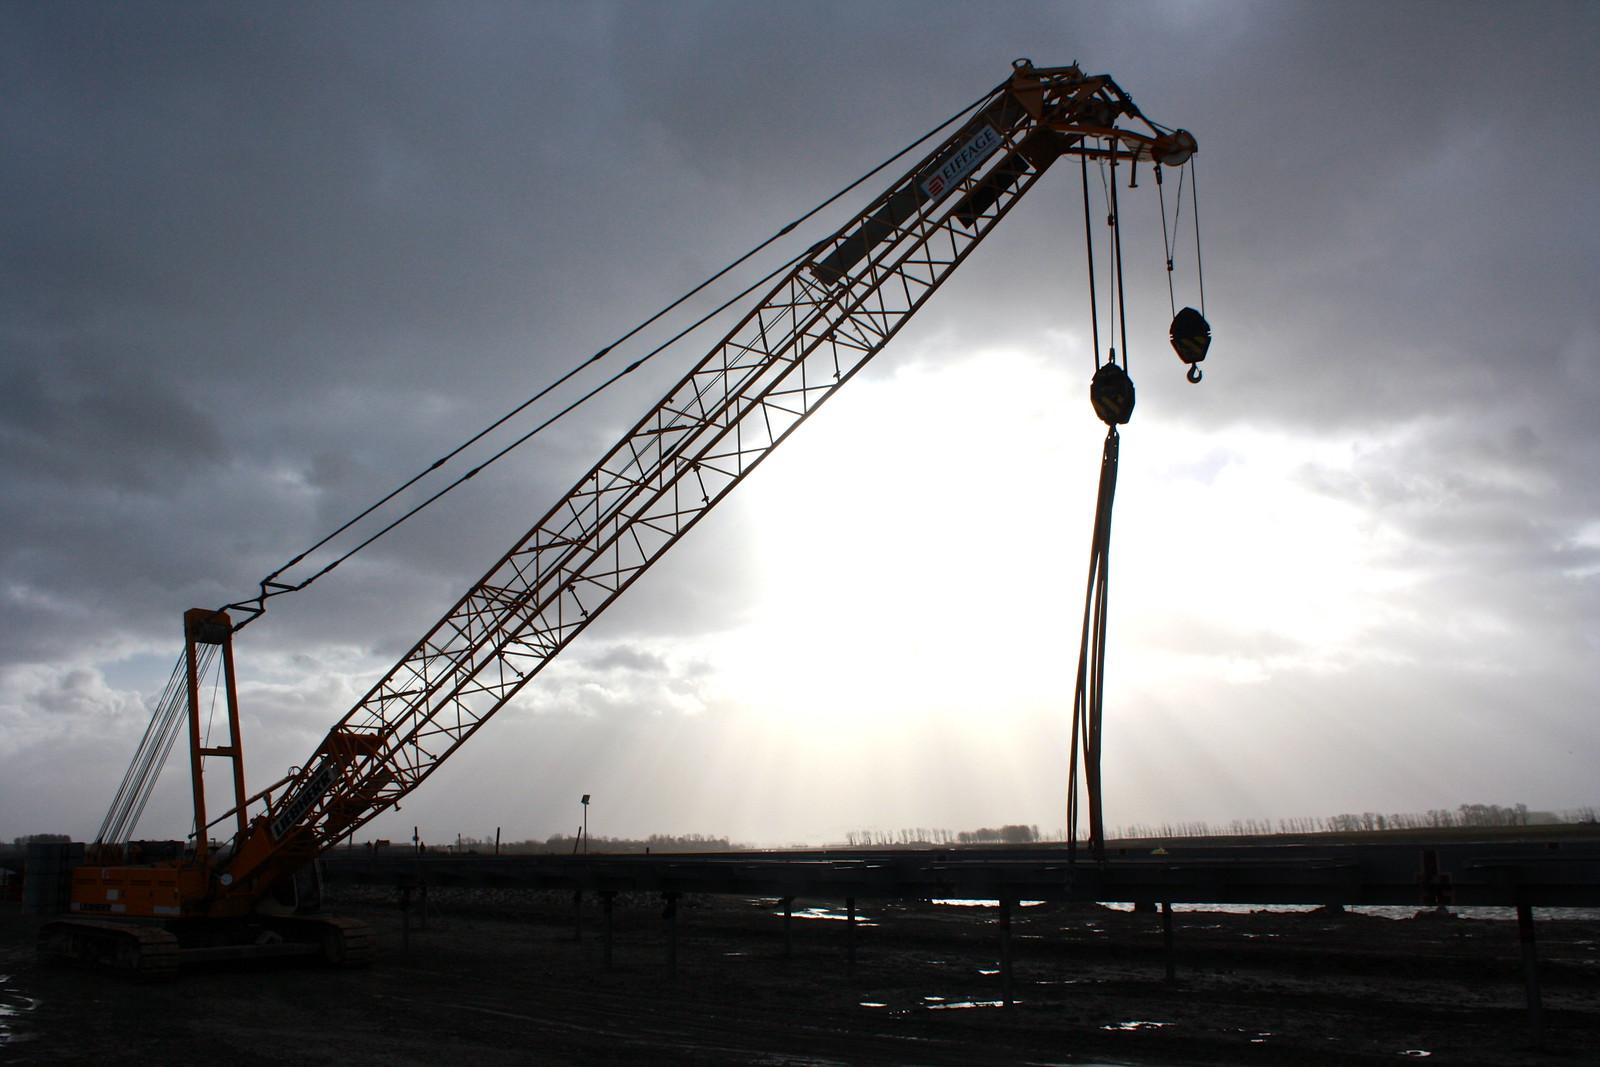 Construction crane, Mont-Saint-Michel, France